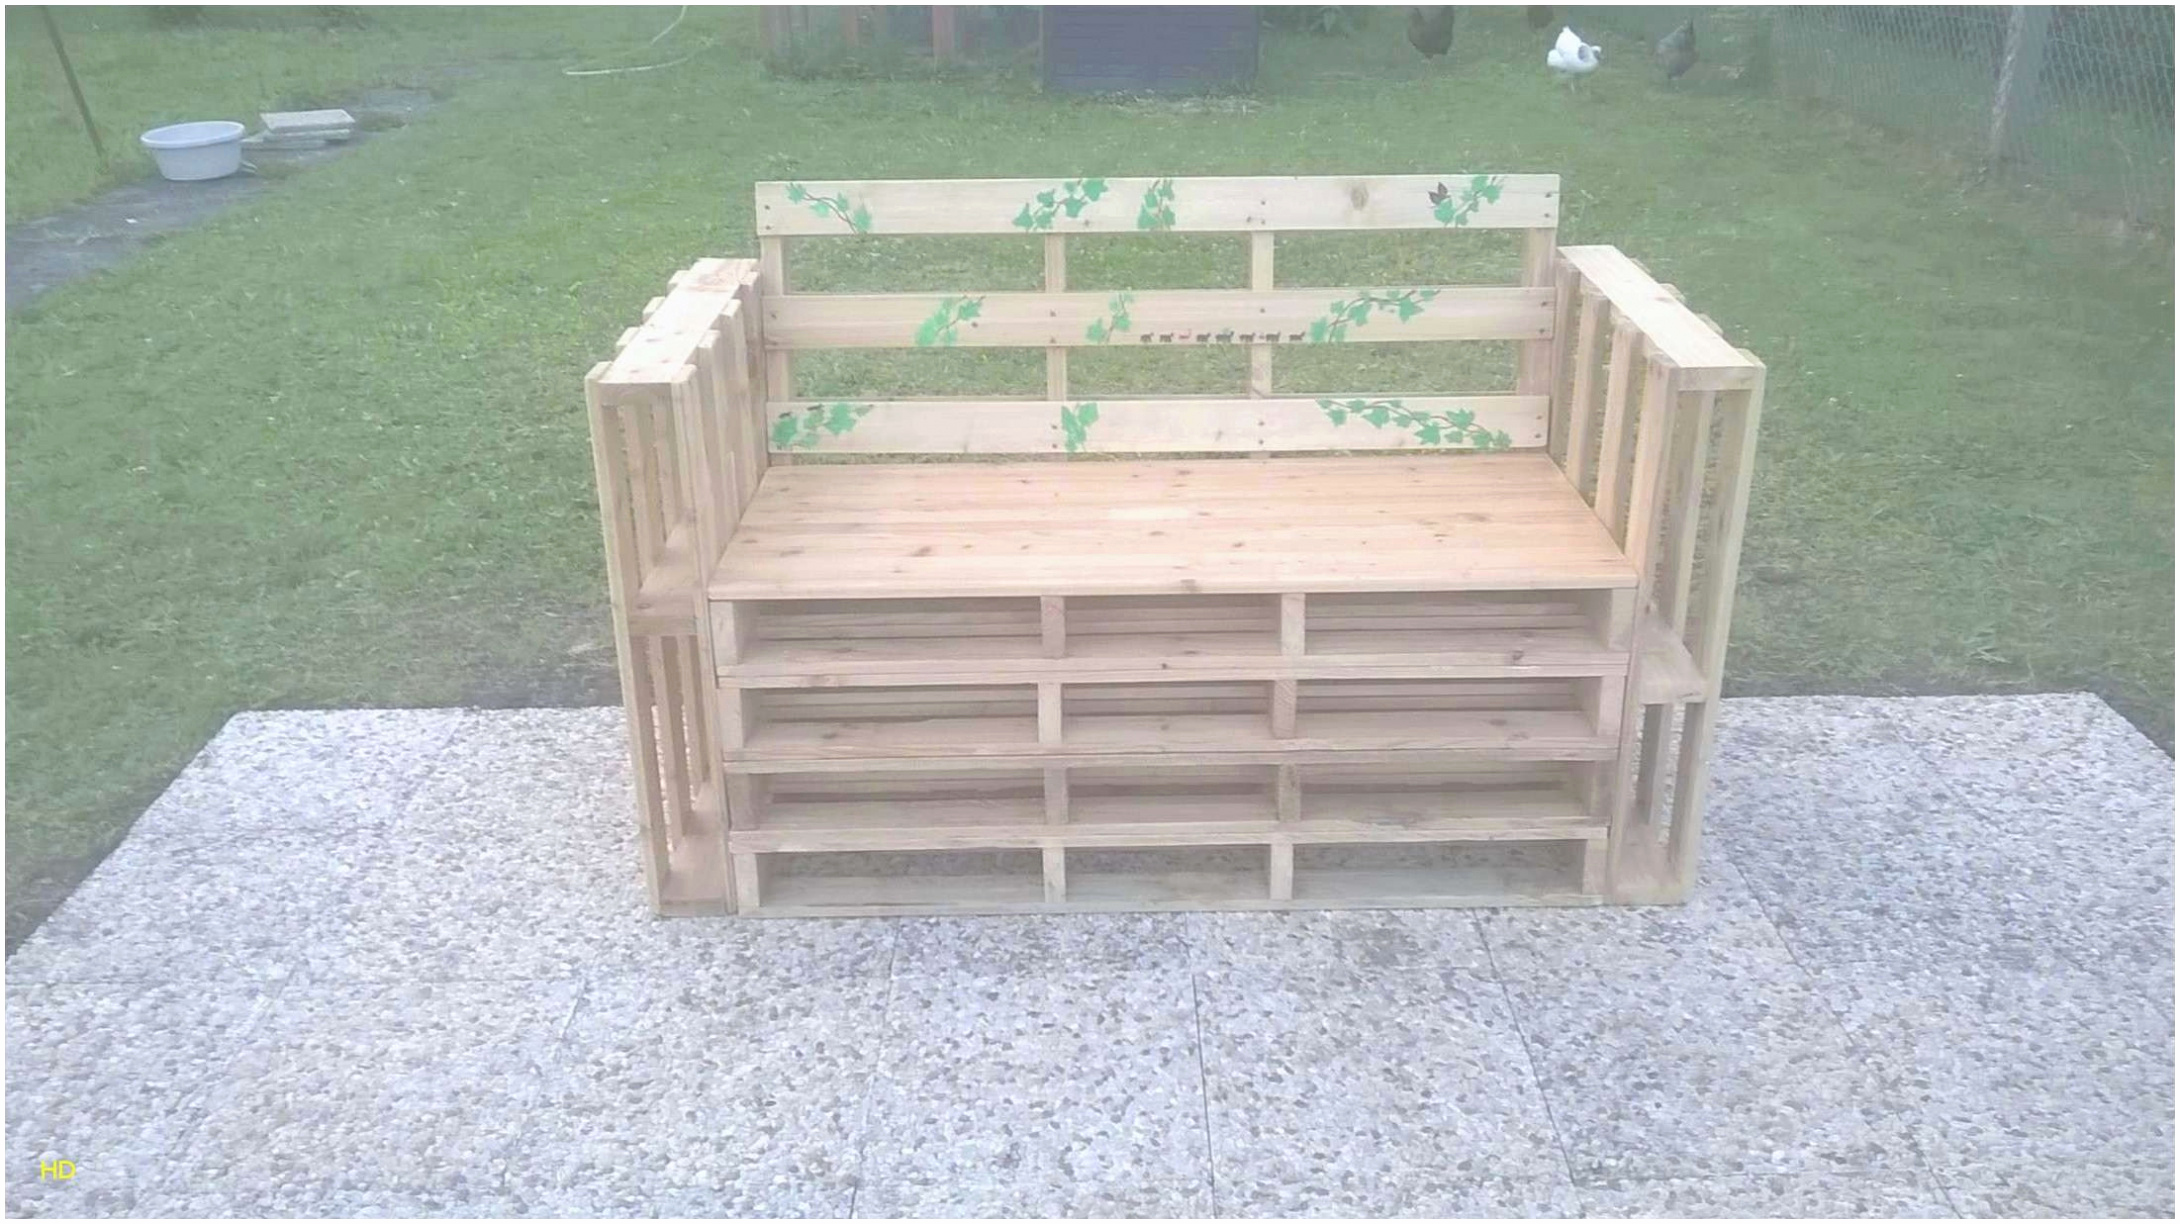 banc de jardin en fer unique table avec banc en bois beau nouveau banc de jardin coffre luxe banc of banc de jardin en fer